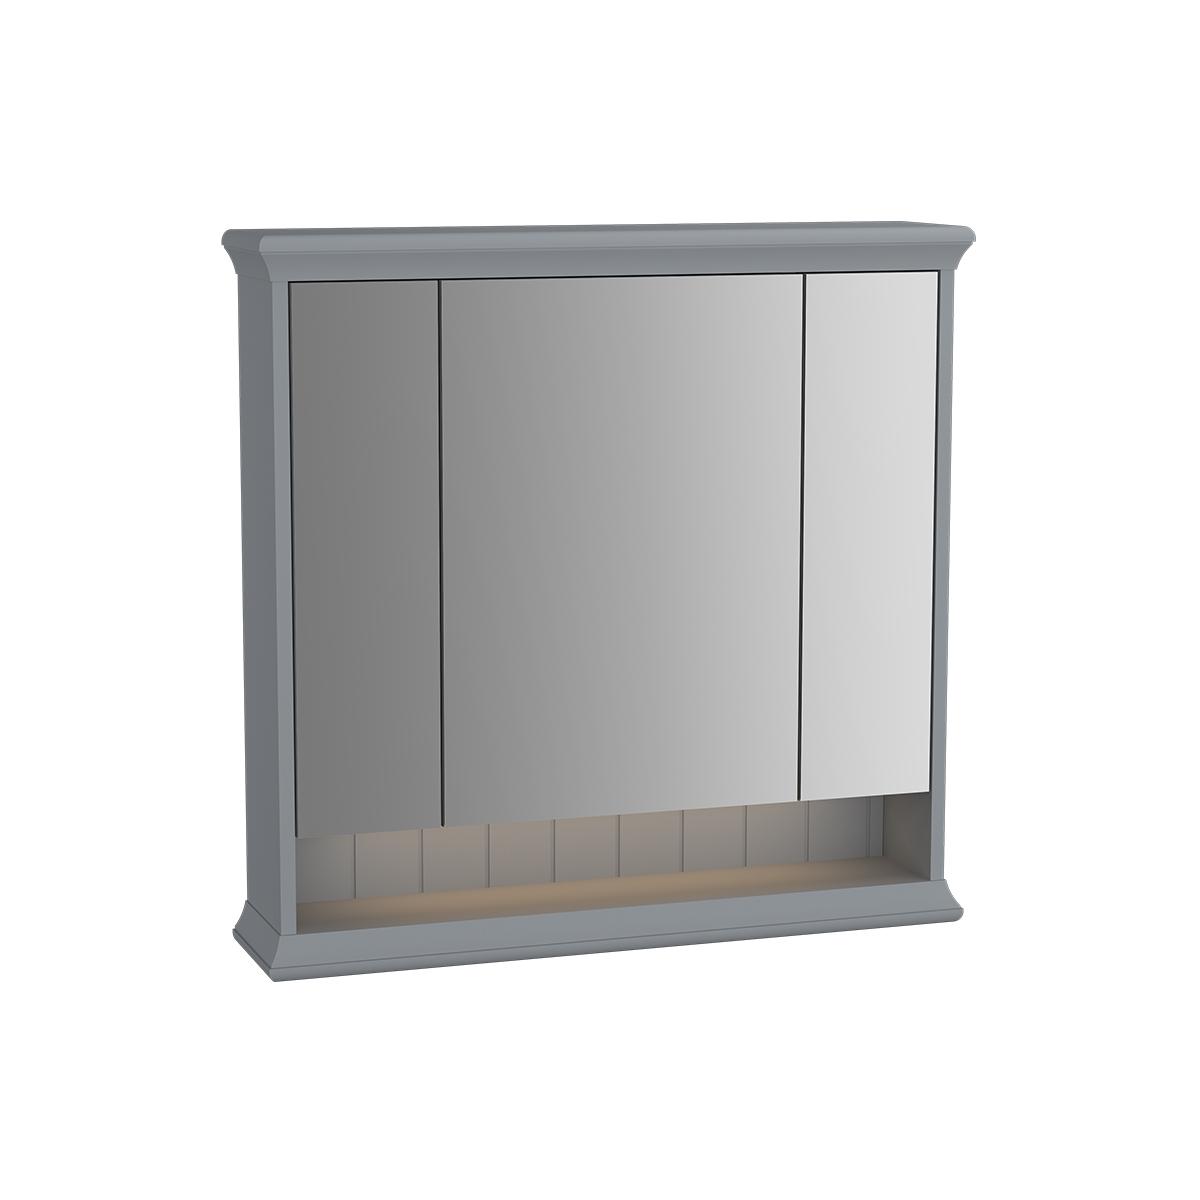 Valarte armoire de toilette, 80 cm, gris mat